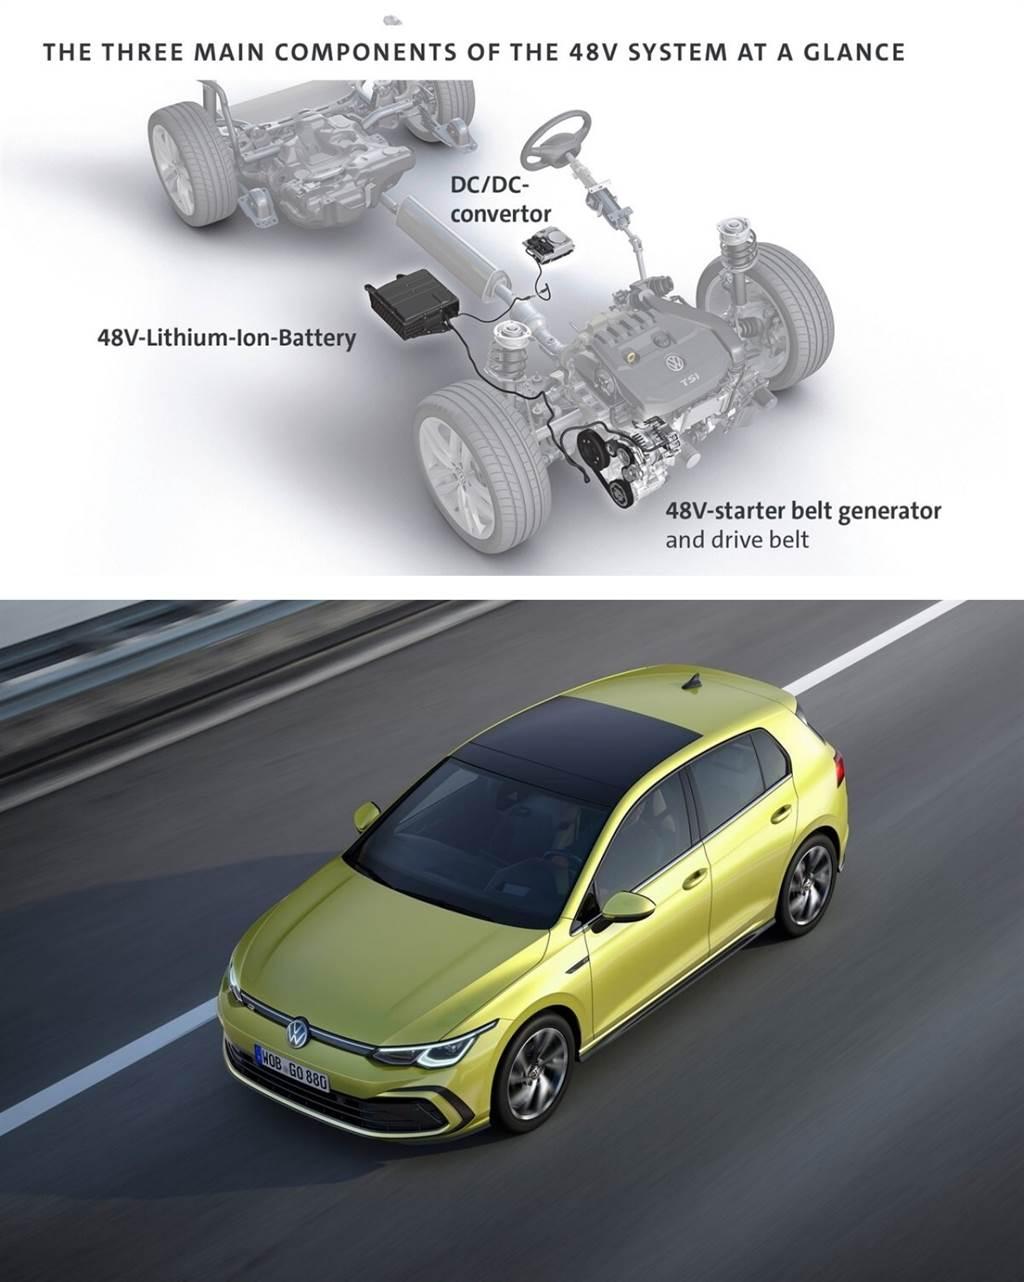 由於2020年起法規規定汽車製造商平均二氧化碳排放量須為95 g/km,更為嚴格的法規導致1.5 TSI evo引擎原本高達12.5:1的壓縮比只好降低至10.5:1,雖然對於性能表現會有所減損,但好在有48V電力系統BSG馬達的輔助,不僅互補了性能的流失,扭力提升的時機也比過去提早了25%。